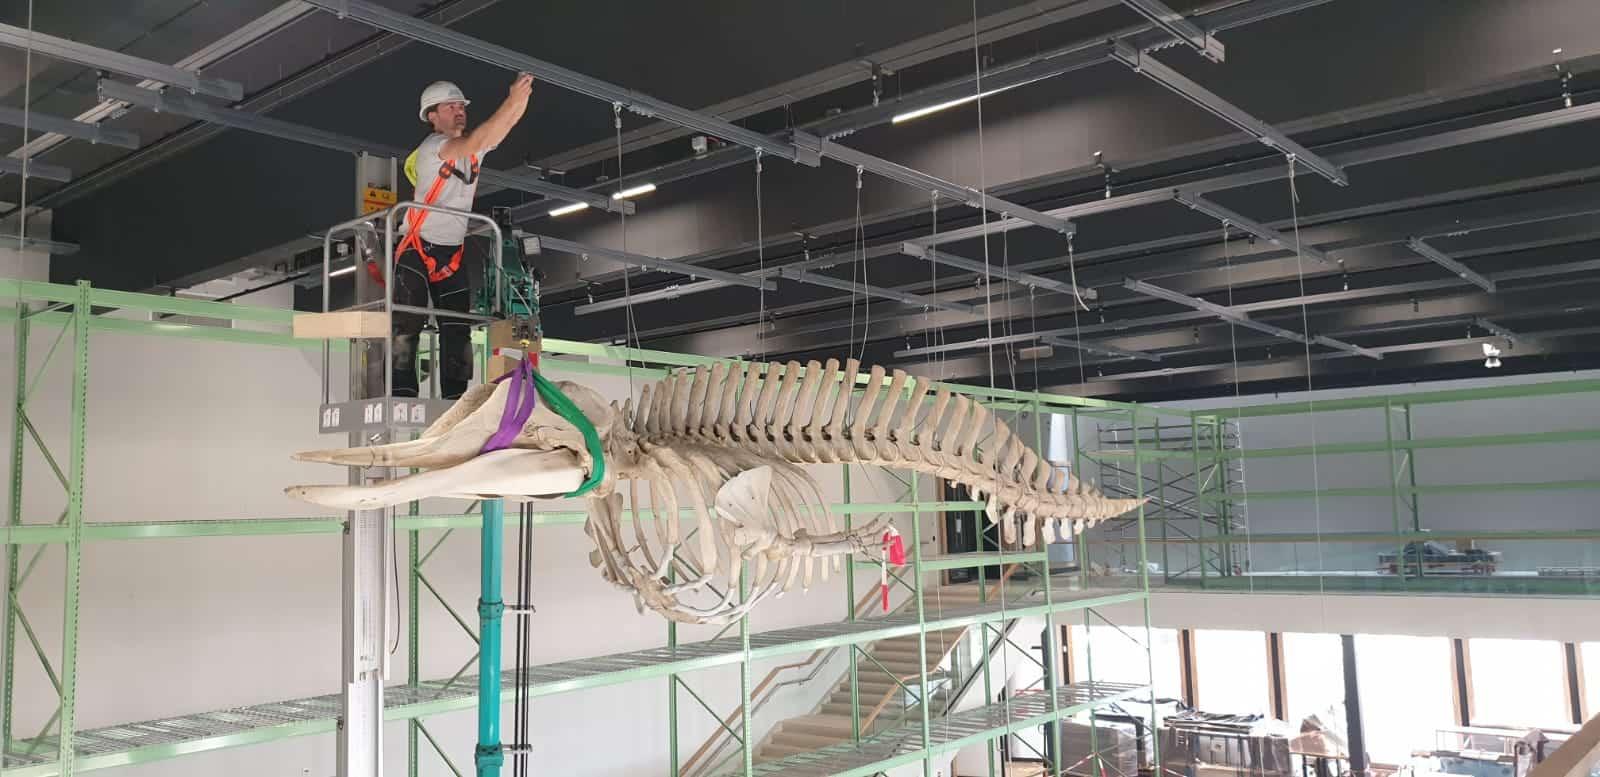 Skeletten | Ophangen butskop | Naturalis Biodiversity Center